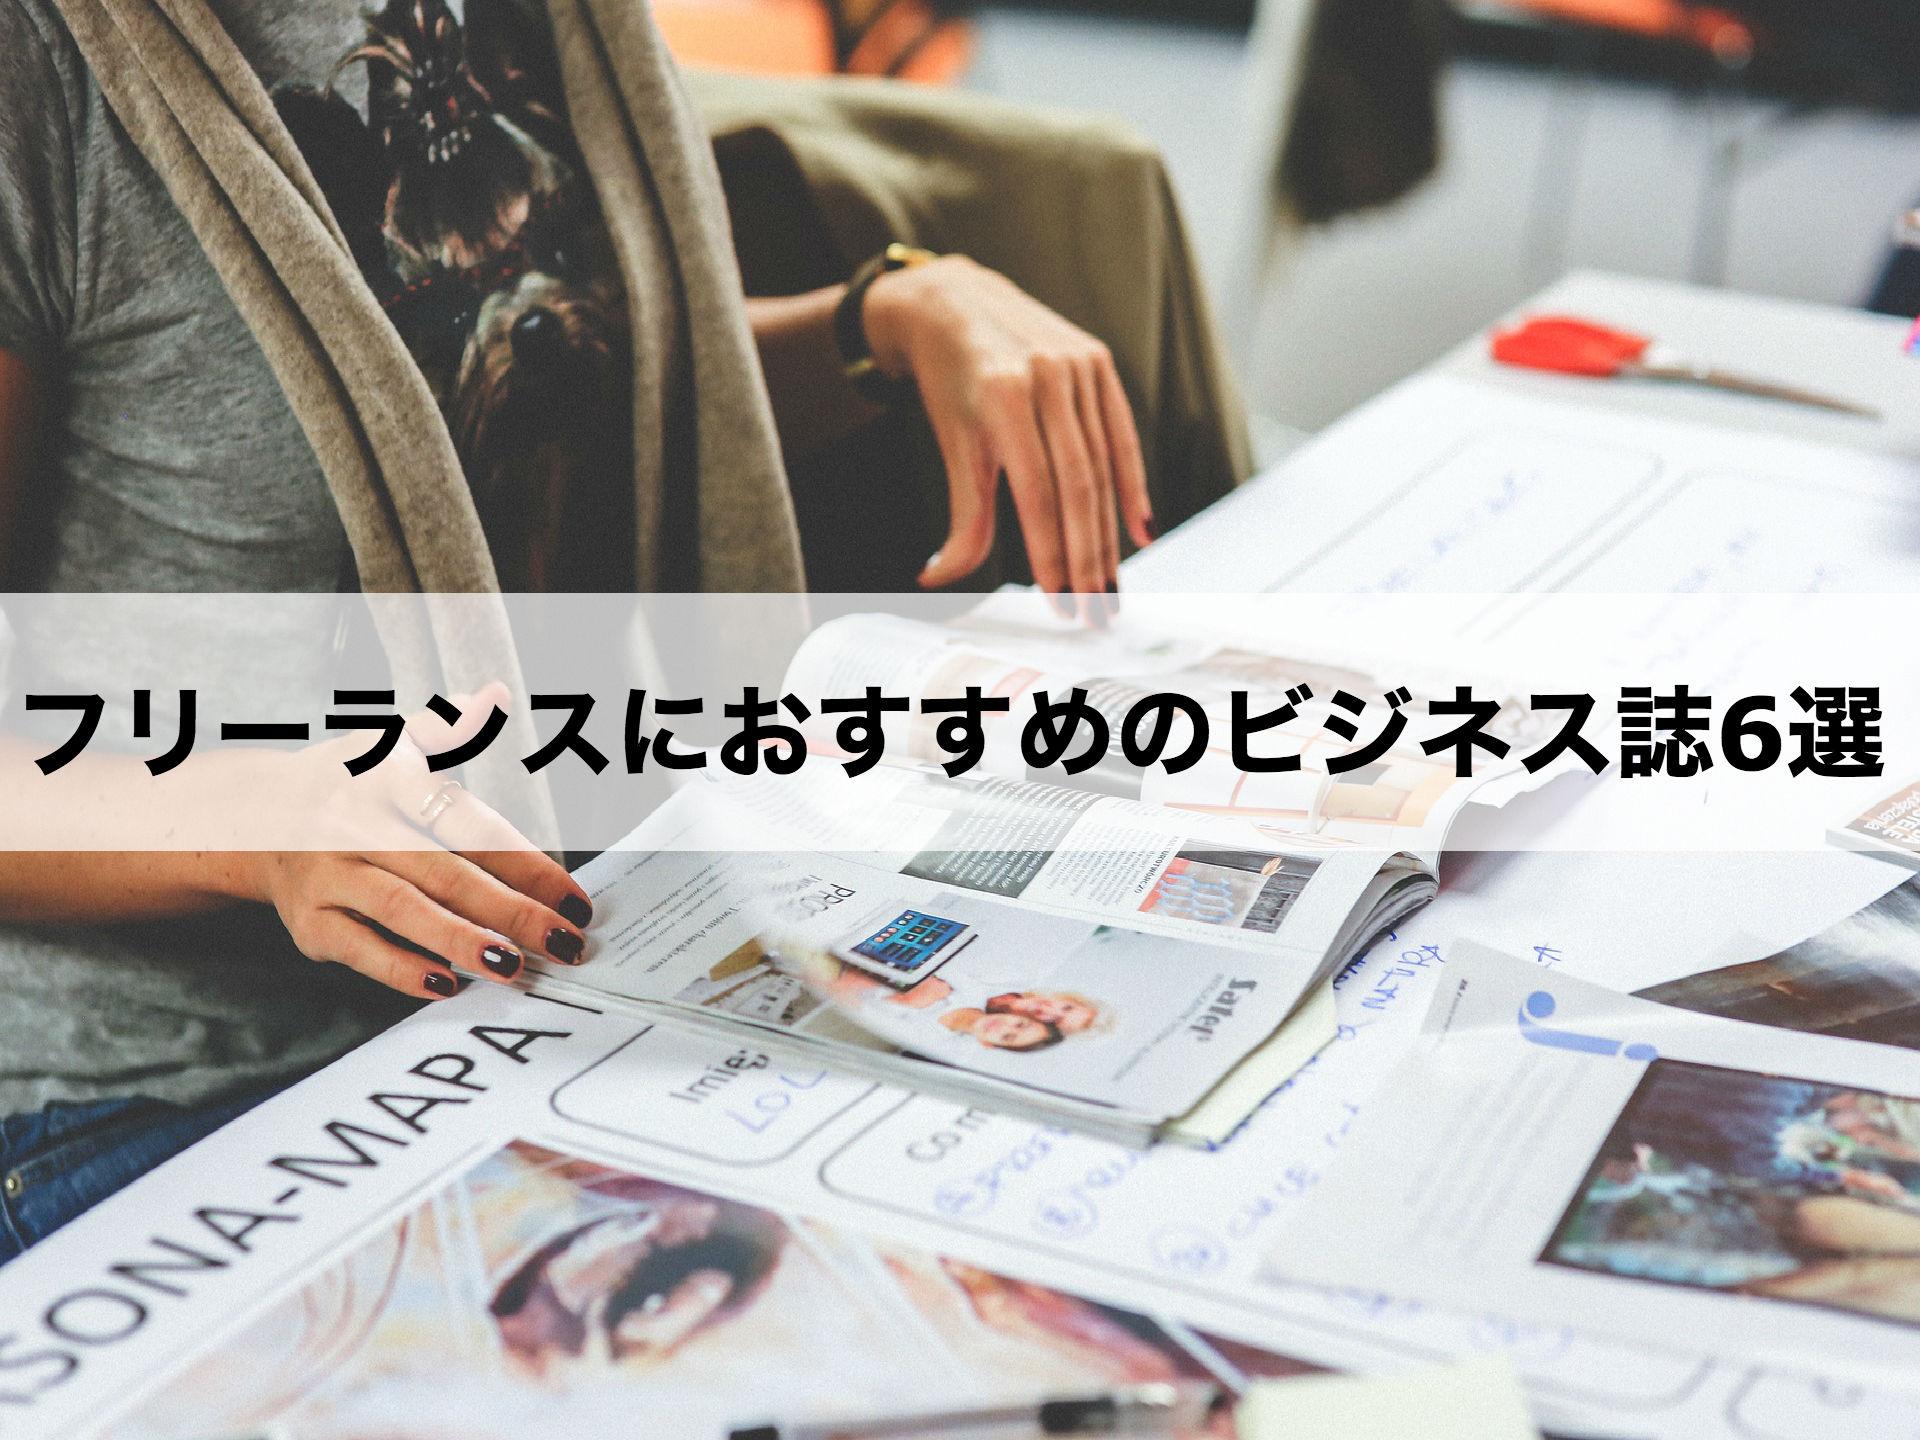 フリーランスが読むならこの雑誌!ビジネス誌を6つ紹介します。